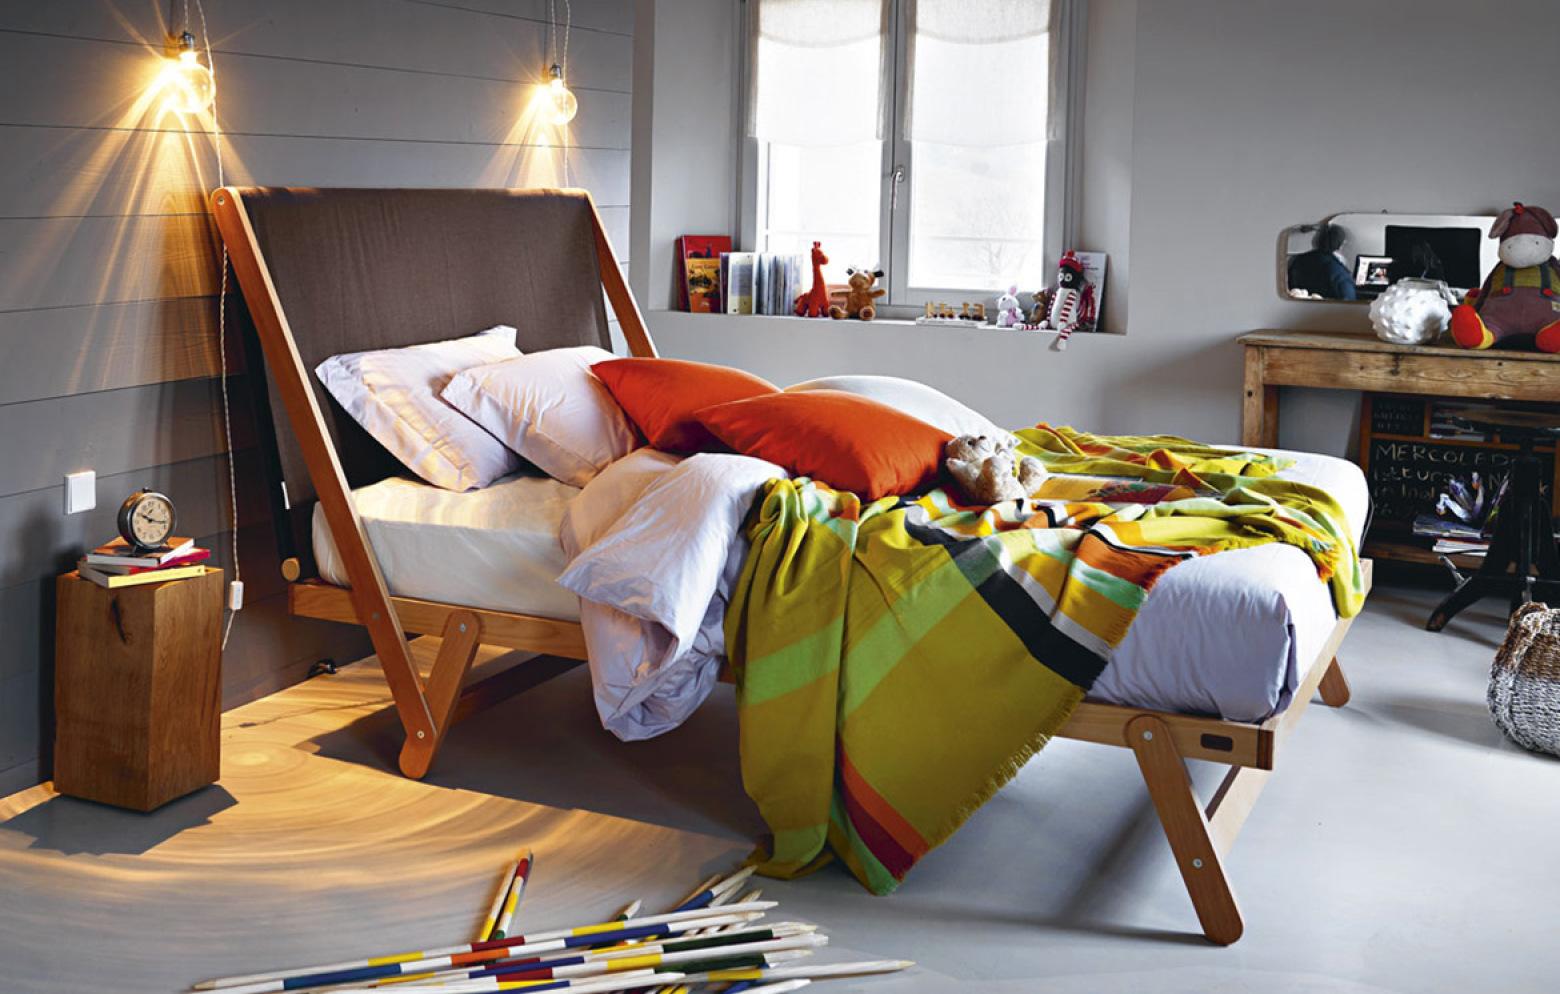 Full Size of Betten Outlet Tol High Bett Online Whos Perfect Poco Billerbeck 200x200 Mit Stauraum Billige Ruf Preise Schöne Schramm Münster 120x200 Für übergewichtige Bett Betten Outlet